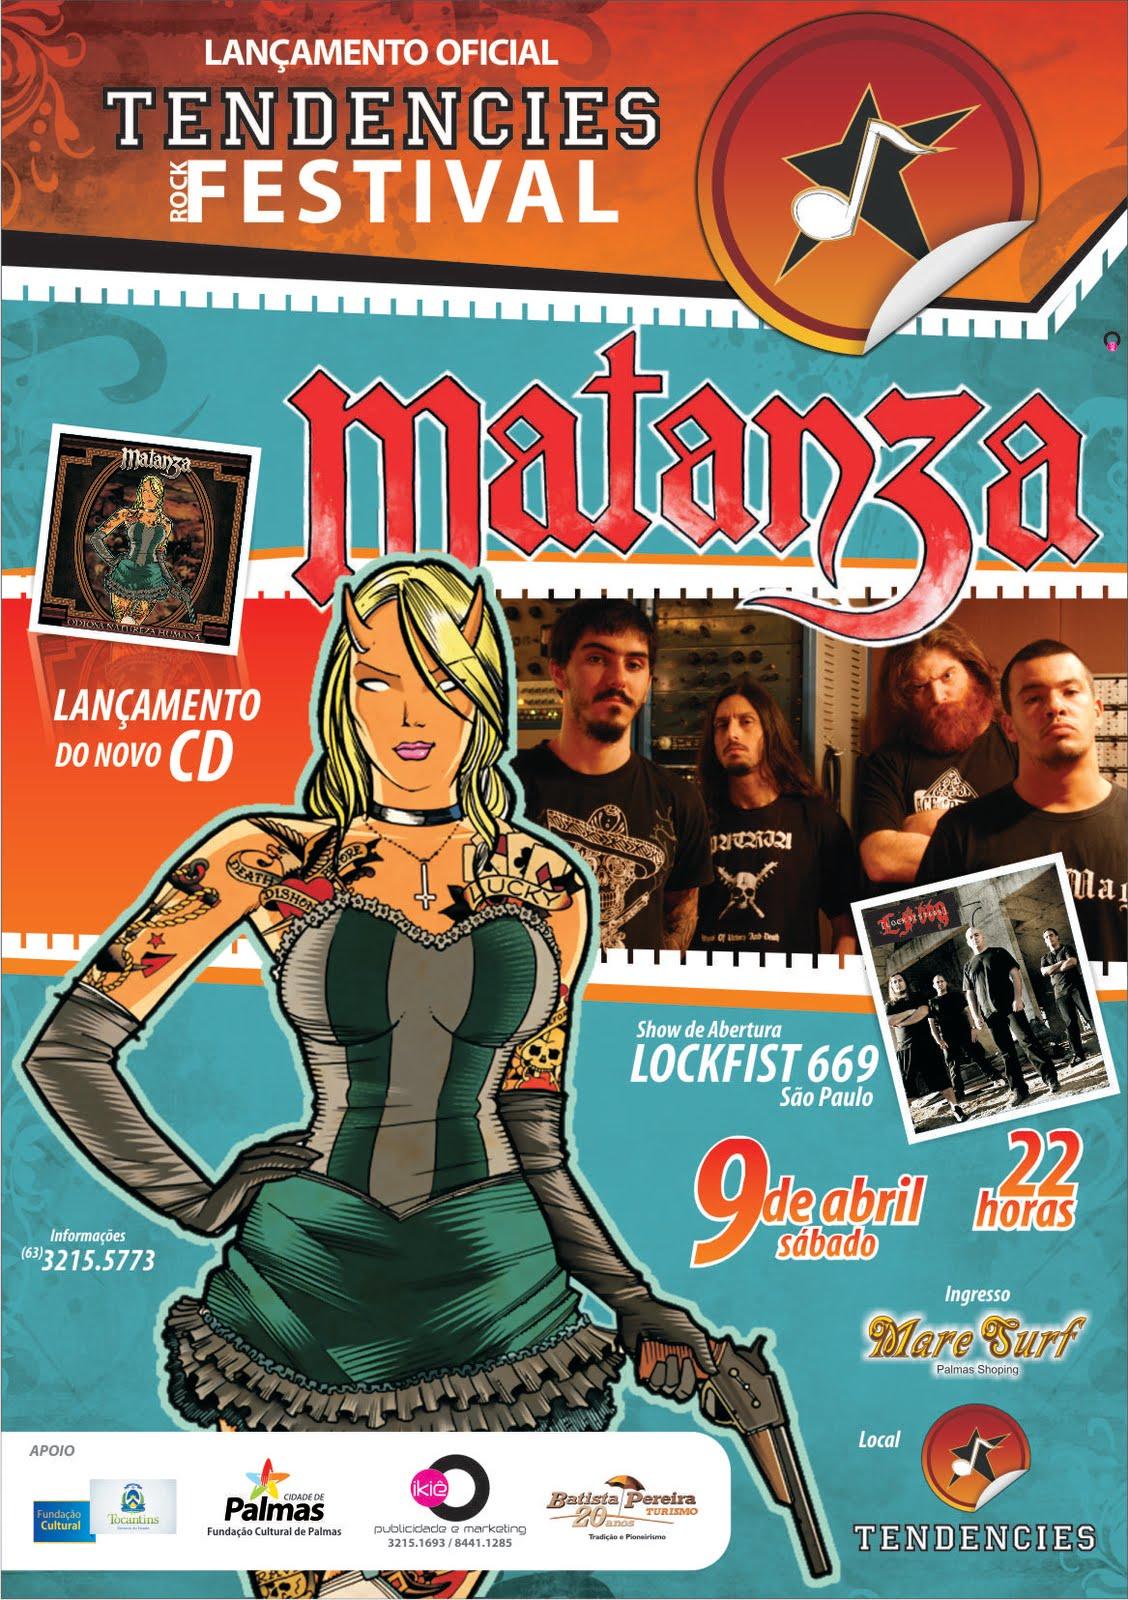 Lançamento do 8º Tendencies Rock Festival com Matanza e Lockfist 669